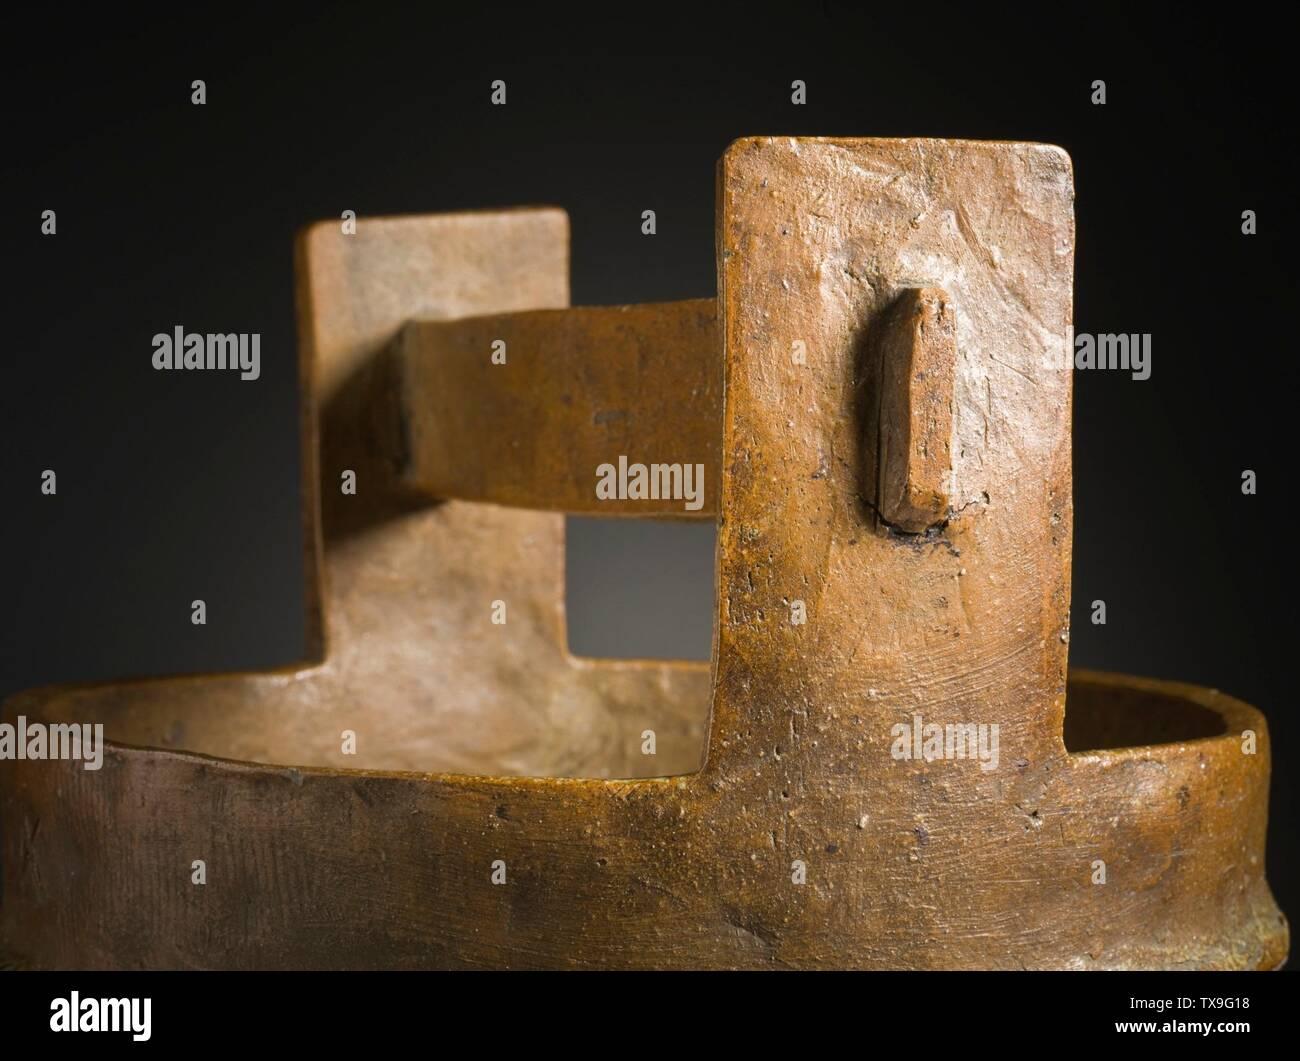 """'Mizusashi (recipiente de agua para la ceremonia del té) en forma de un cubo de madera (Imagen 5 de 7); en inglés: Japón, el período Momoyama, mobiliario 1573-1615; Serviceware Tamba ware; gres con barniz de ceniza natural a-b) de la tapa de dos piezas: 9 1/2 x 4 1/2 x 3/8 in. (24,13 x 11,43 x 0,95 cm) cada uno; c) contenedor: 10 3/4 x 10 1/4"""" x 9 1/4"""". (32,95 x 26.04 x 24.45 cm) de Regalo de David y Margaret Barry M.2009.16(a-c) arte japonés actualmente en vista pública: Pabellón de arte Japonés, piso 3; entre 1573 y 1615 fecha QS:P571,+1500-00-00T00:00:00Z/6,P1319,+1573-00-00T00:00:00Z/9,P1326,+1615-00-00T00:00:00Z/9; ' Imagen De Stock"""